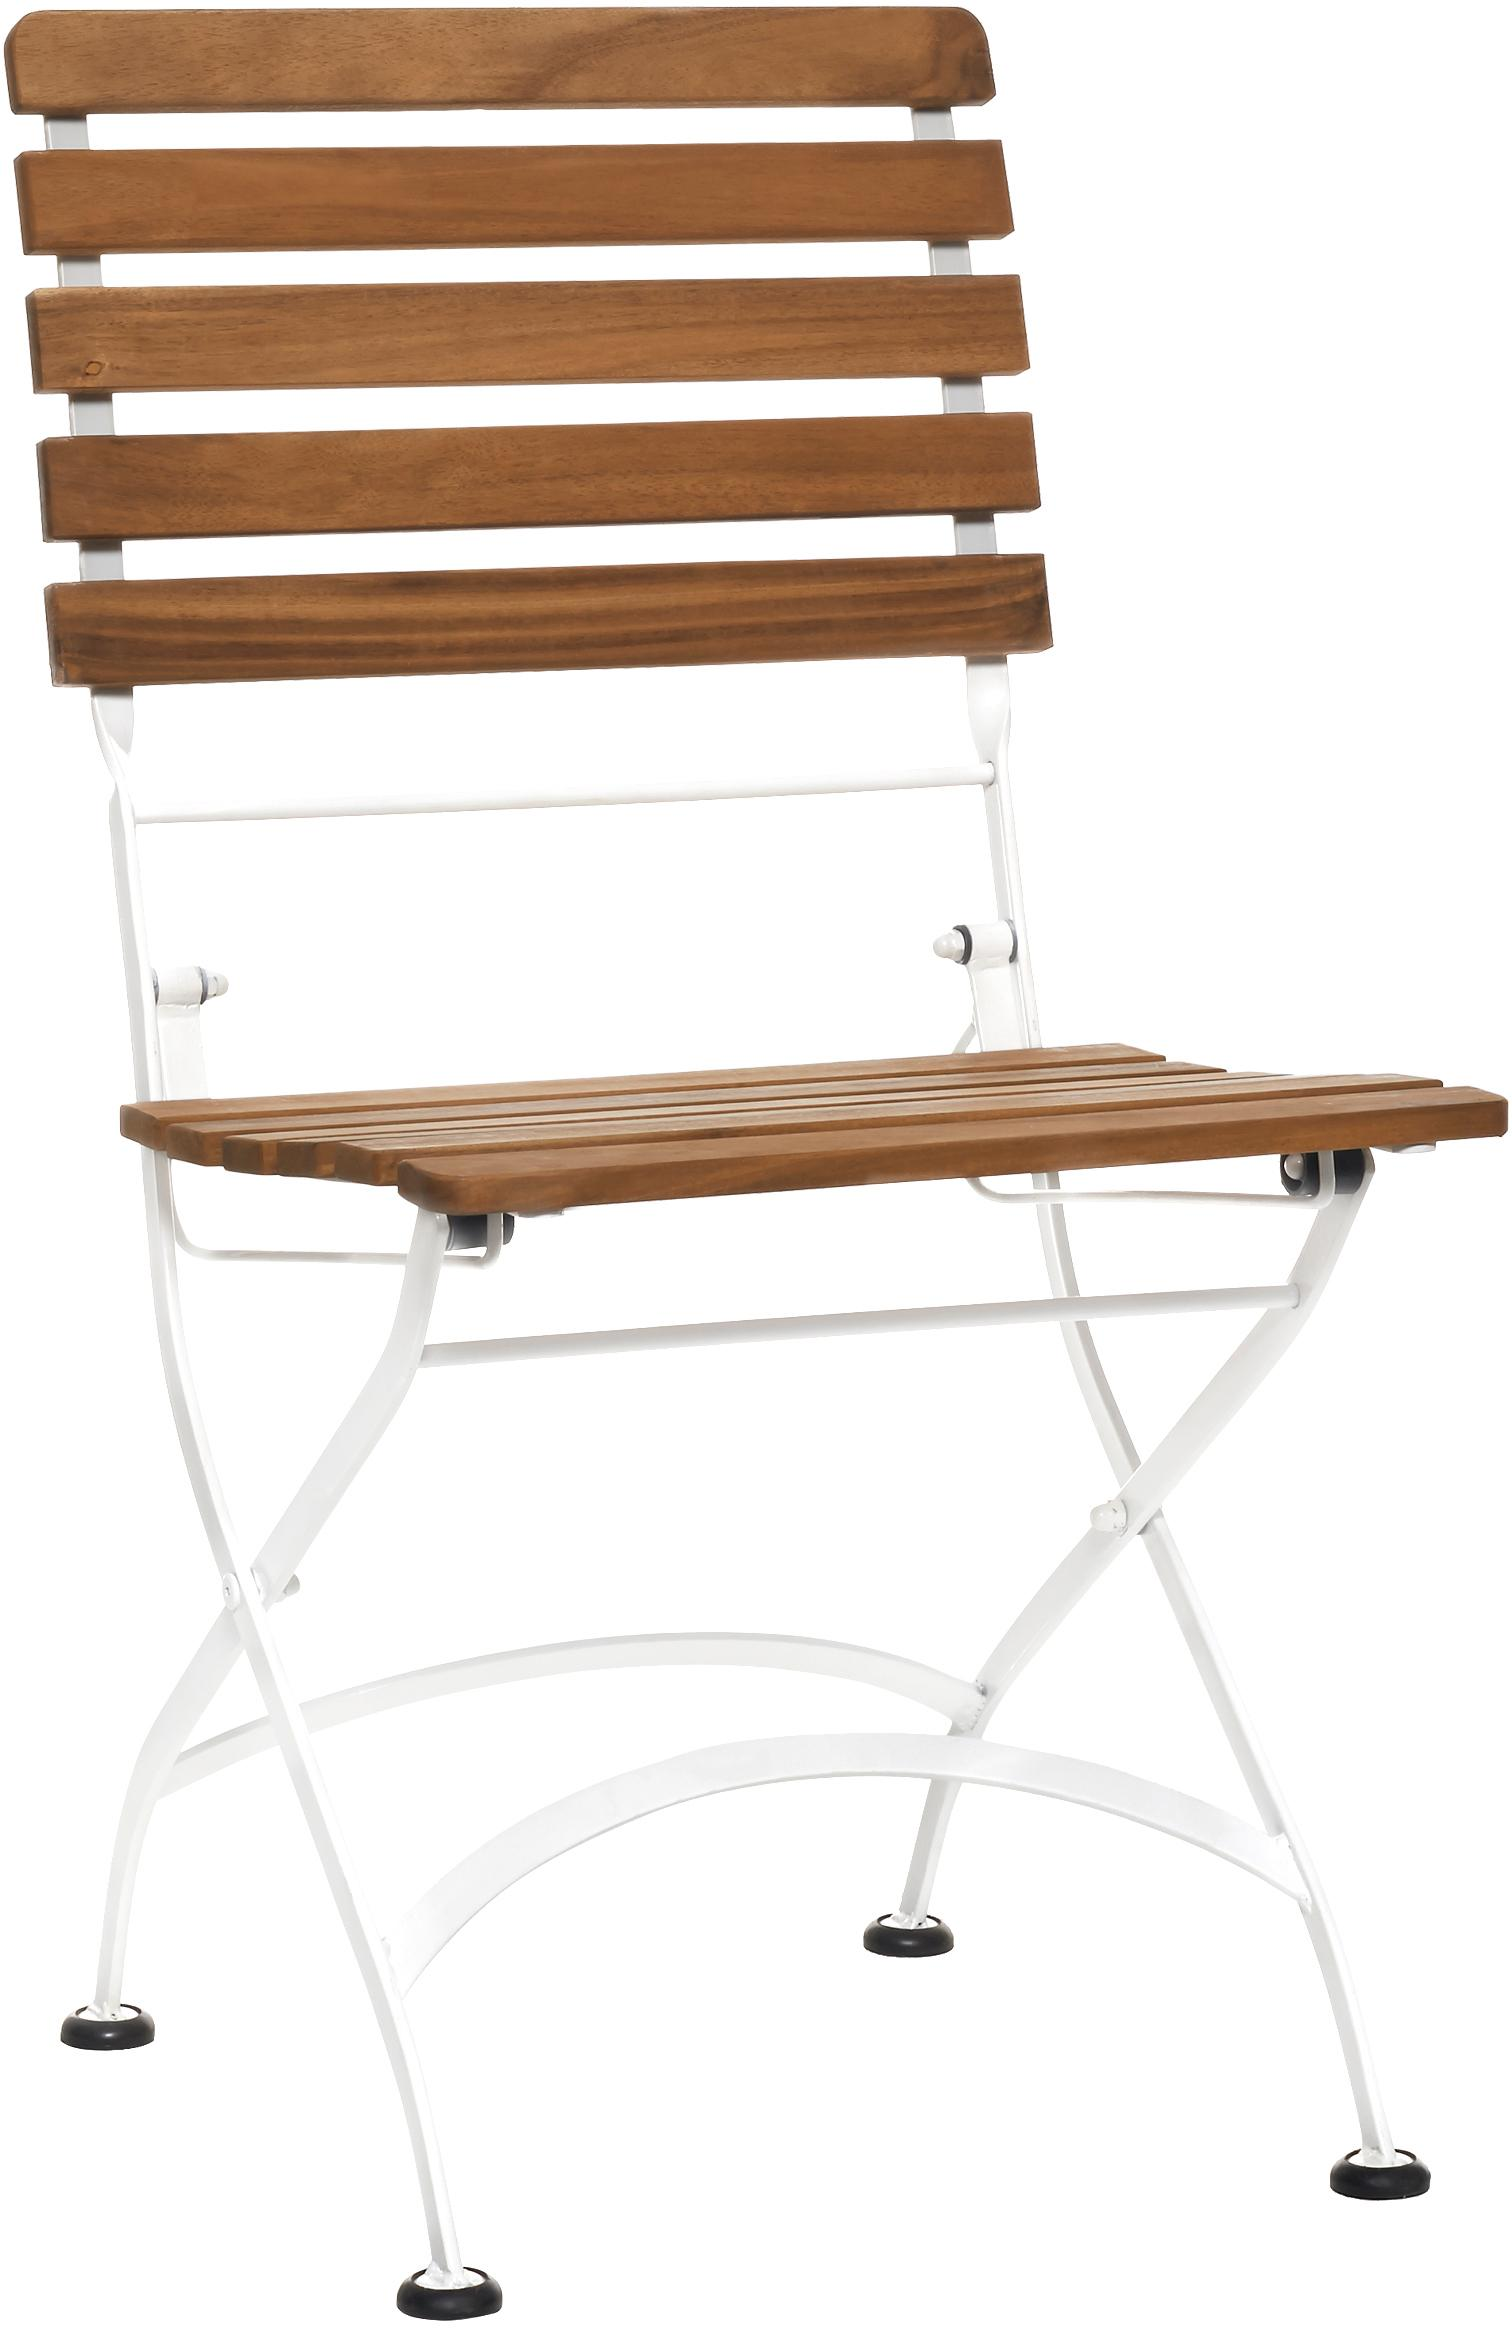 Sedia pieghevole Parklife 2 pz, Seduta: legno di acacia, oliato, , Struttura: metallo zincato, vernicia, Bianco, legno d'acacia, Larg. 47 x Prof. 59 cm